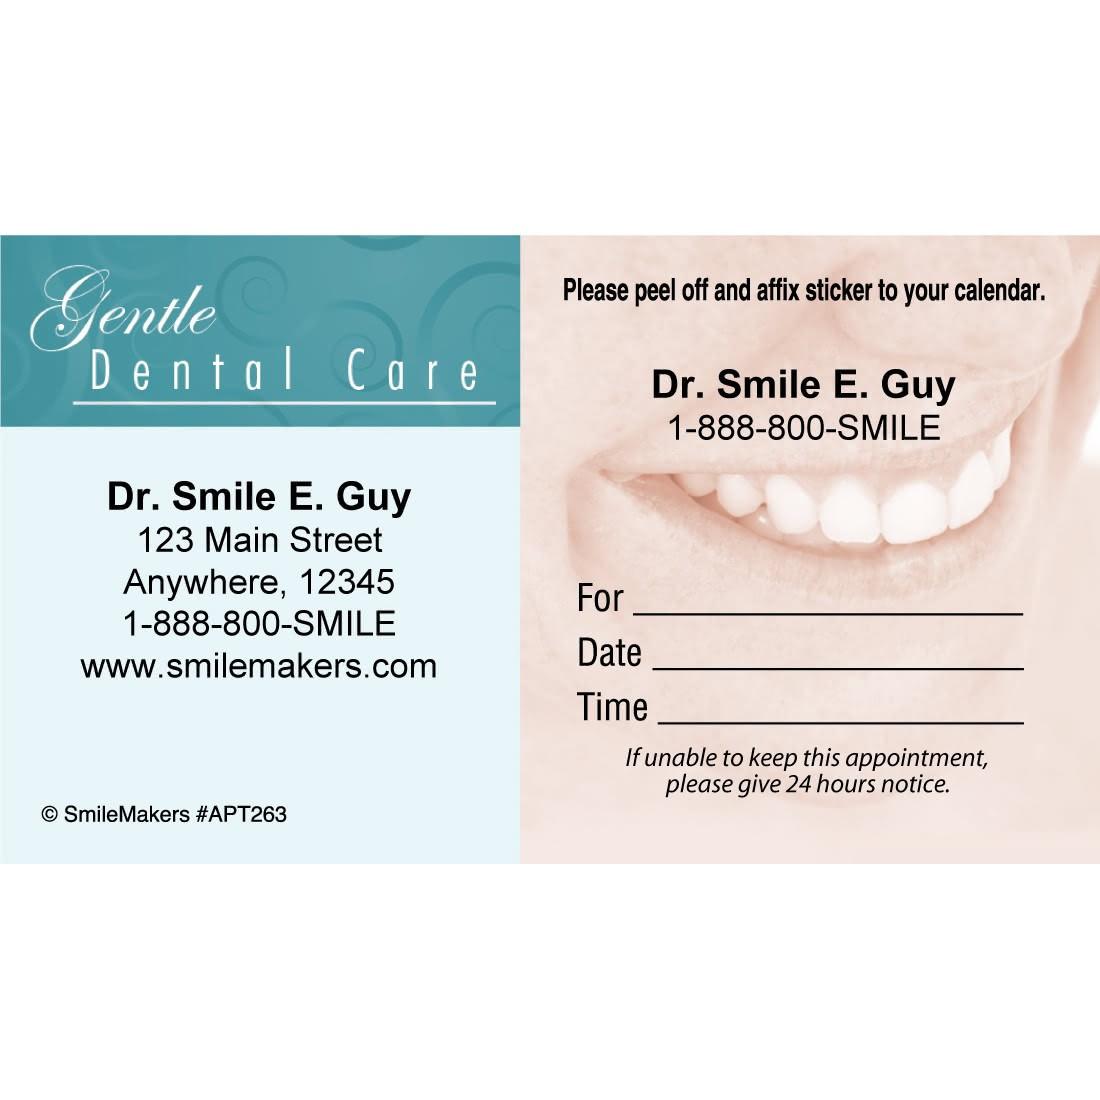 custom gentle dental smile sticker appointment cards image slider image 0